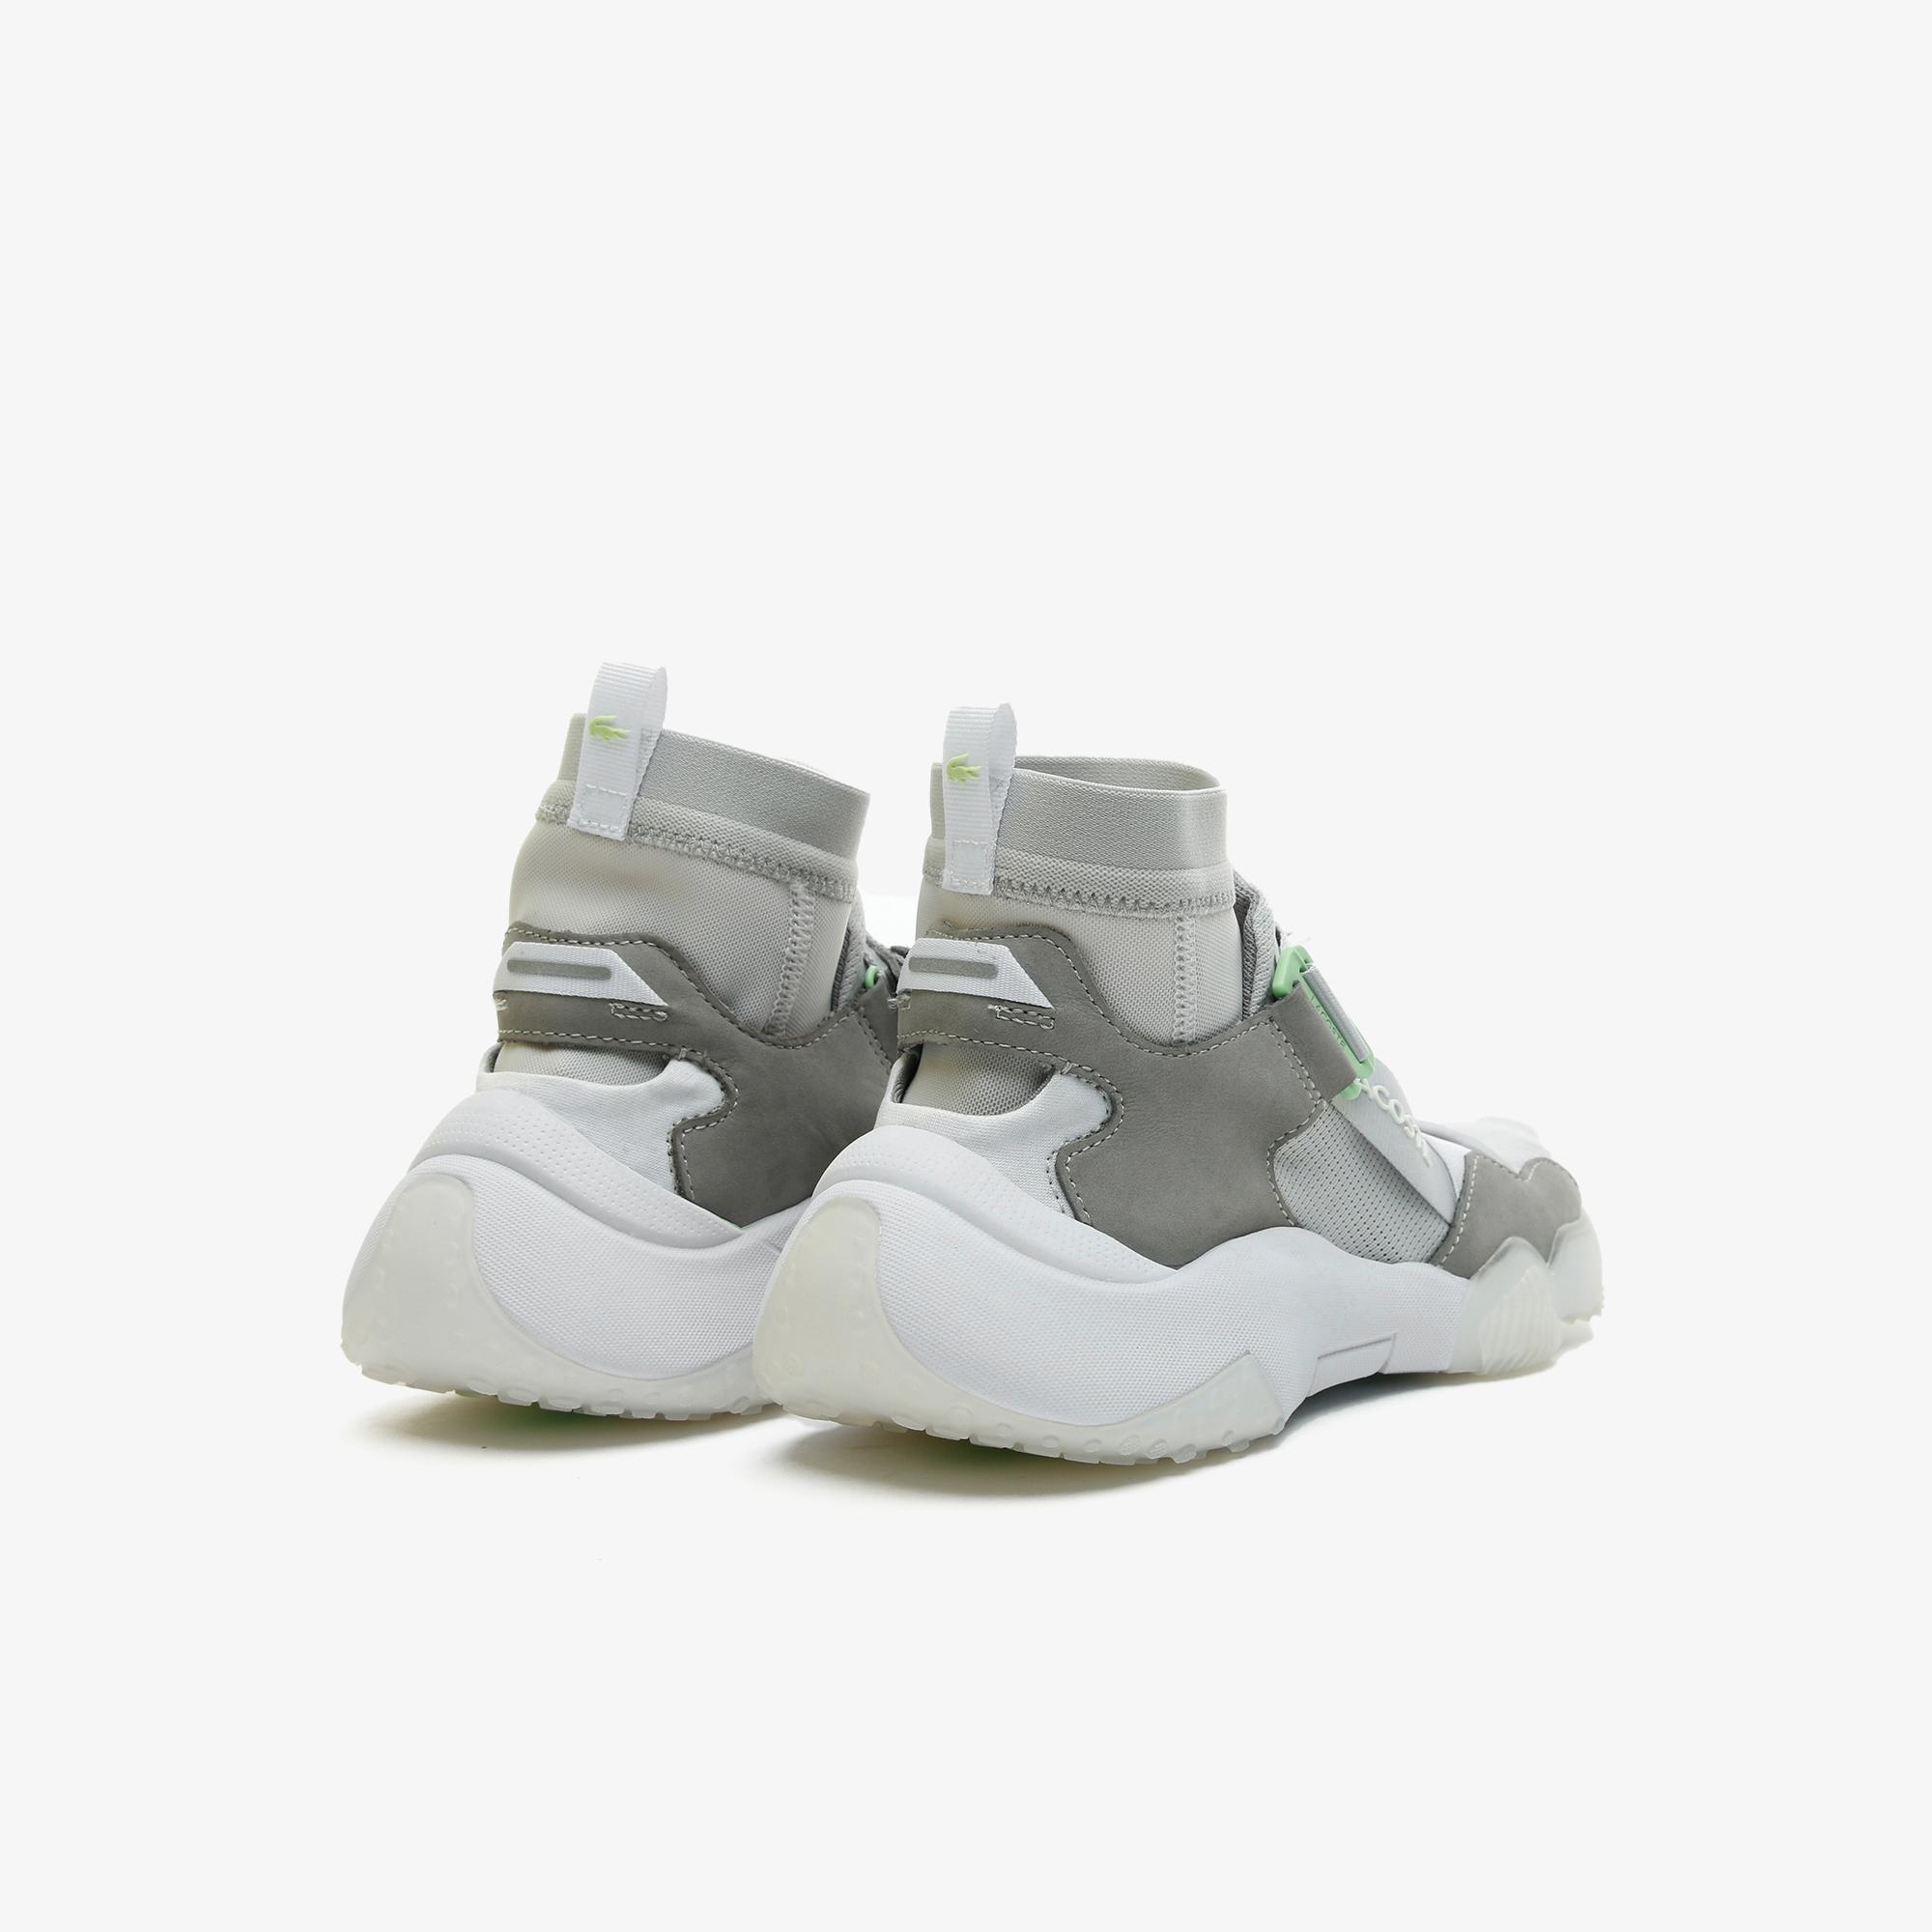 Lacoste Ut-Lt Modular 0721 1 Sfa Kadın Açık Gri - Beyaz Sneaker